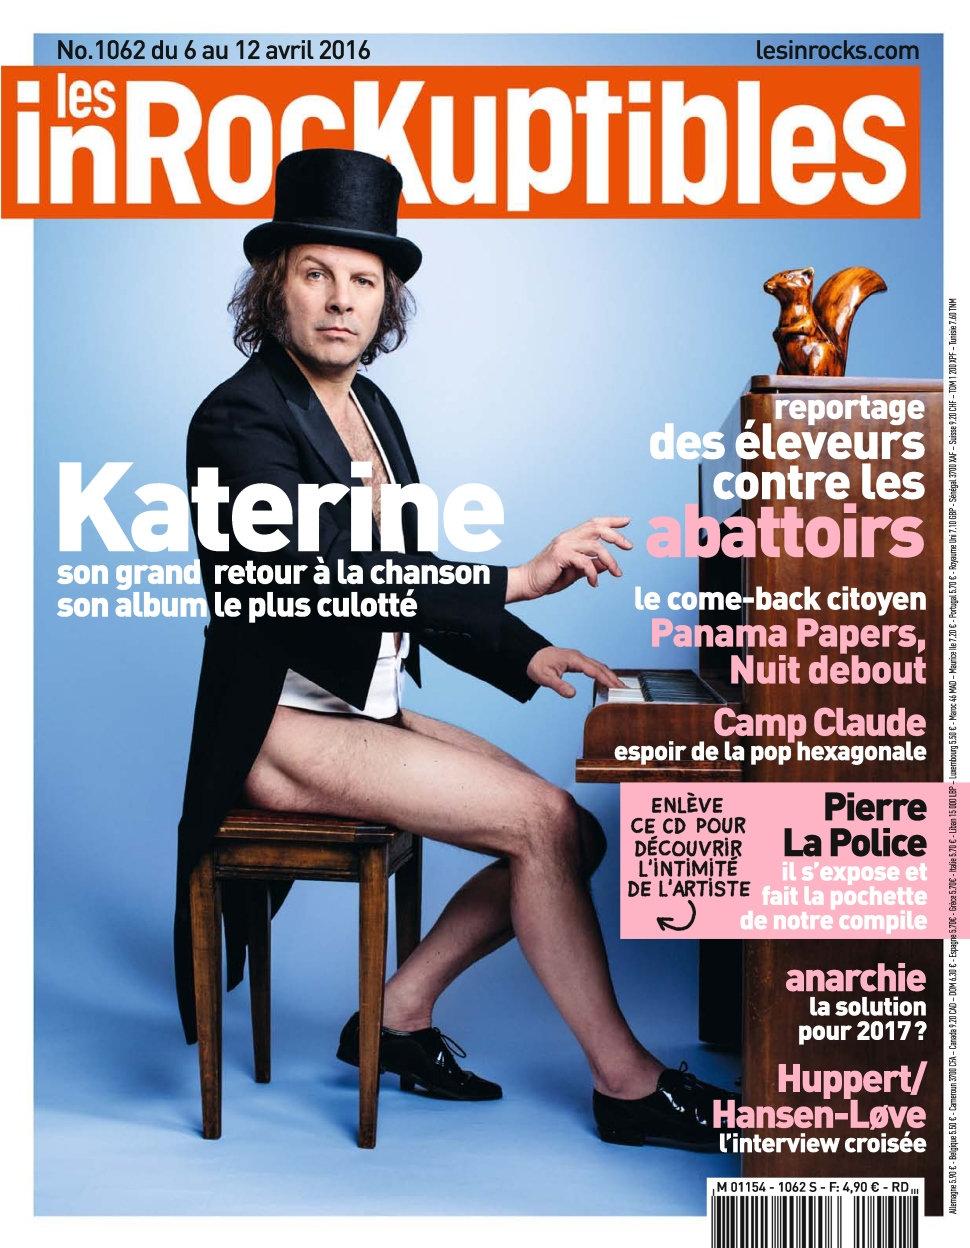 Les Inrockuptibles N°1062 - 6 au 12 Avril 2016